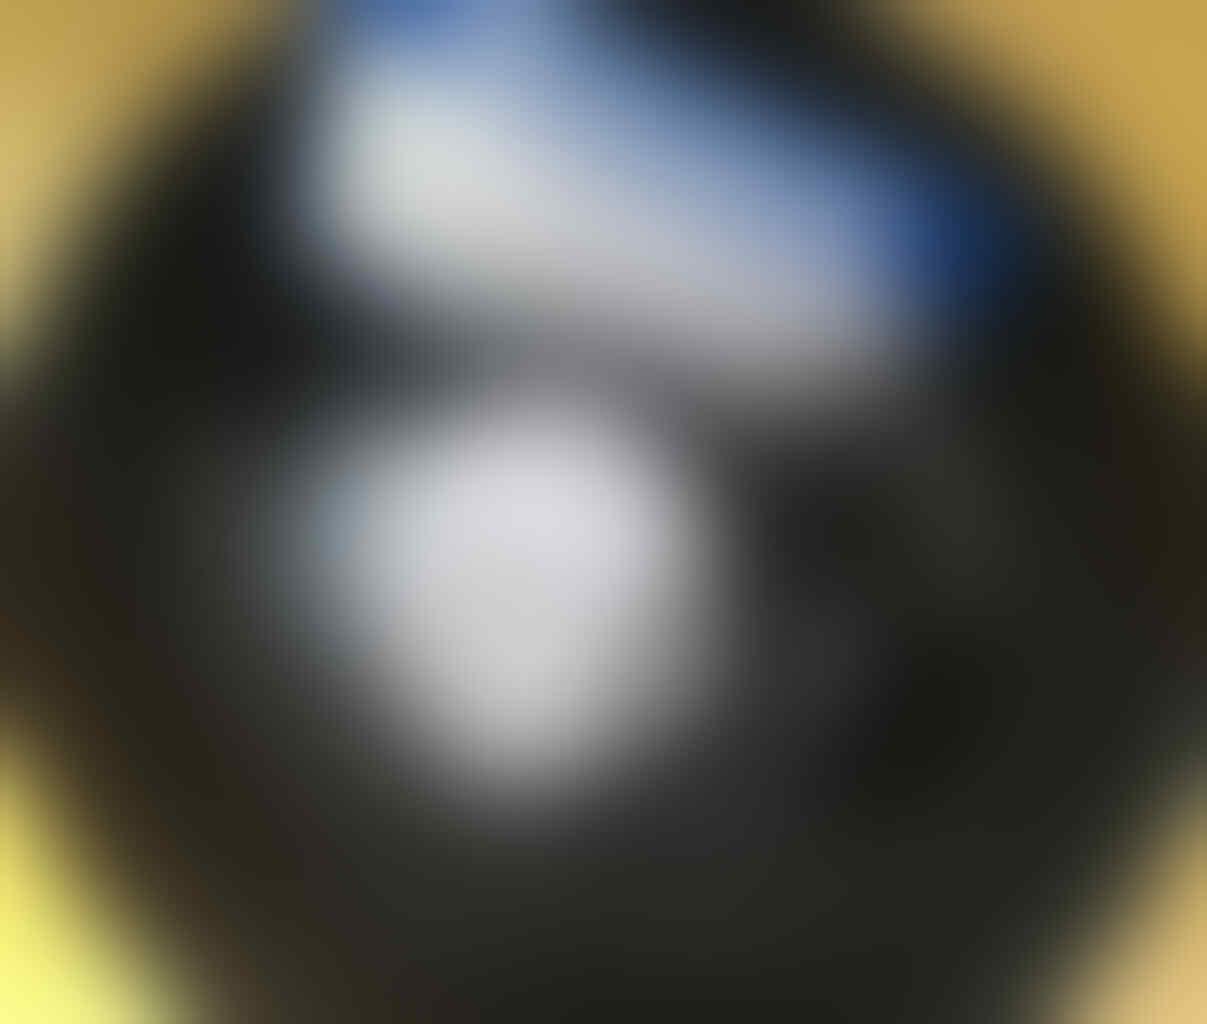 Terjual Jam Tangan Casio Original Murahnya Ngga Ada Duanya Gan Cek Ae 1000w 1b Aja